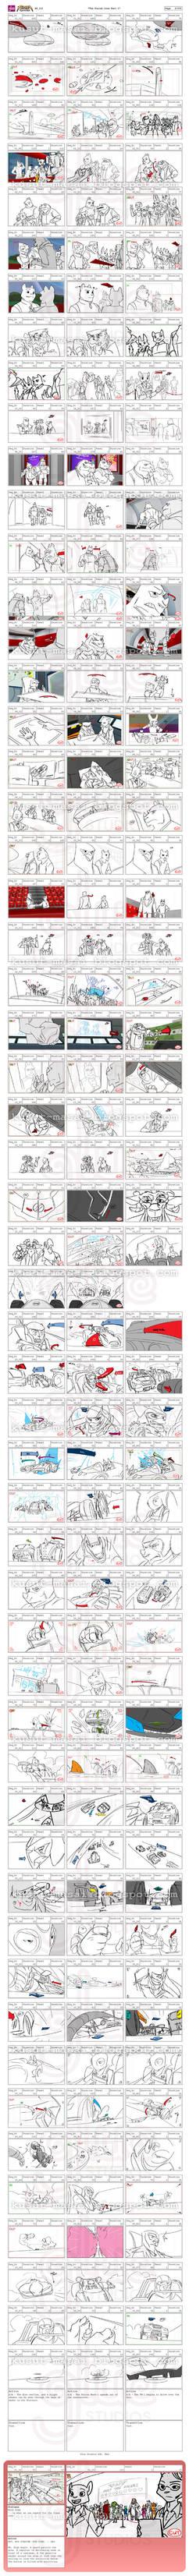 Rimba Racer Storyboard (S01 EP012)